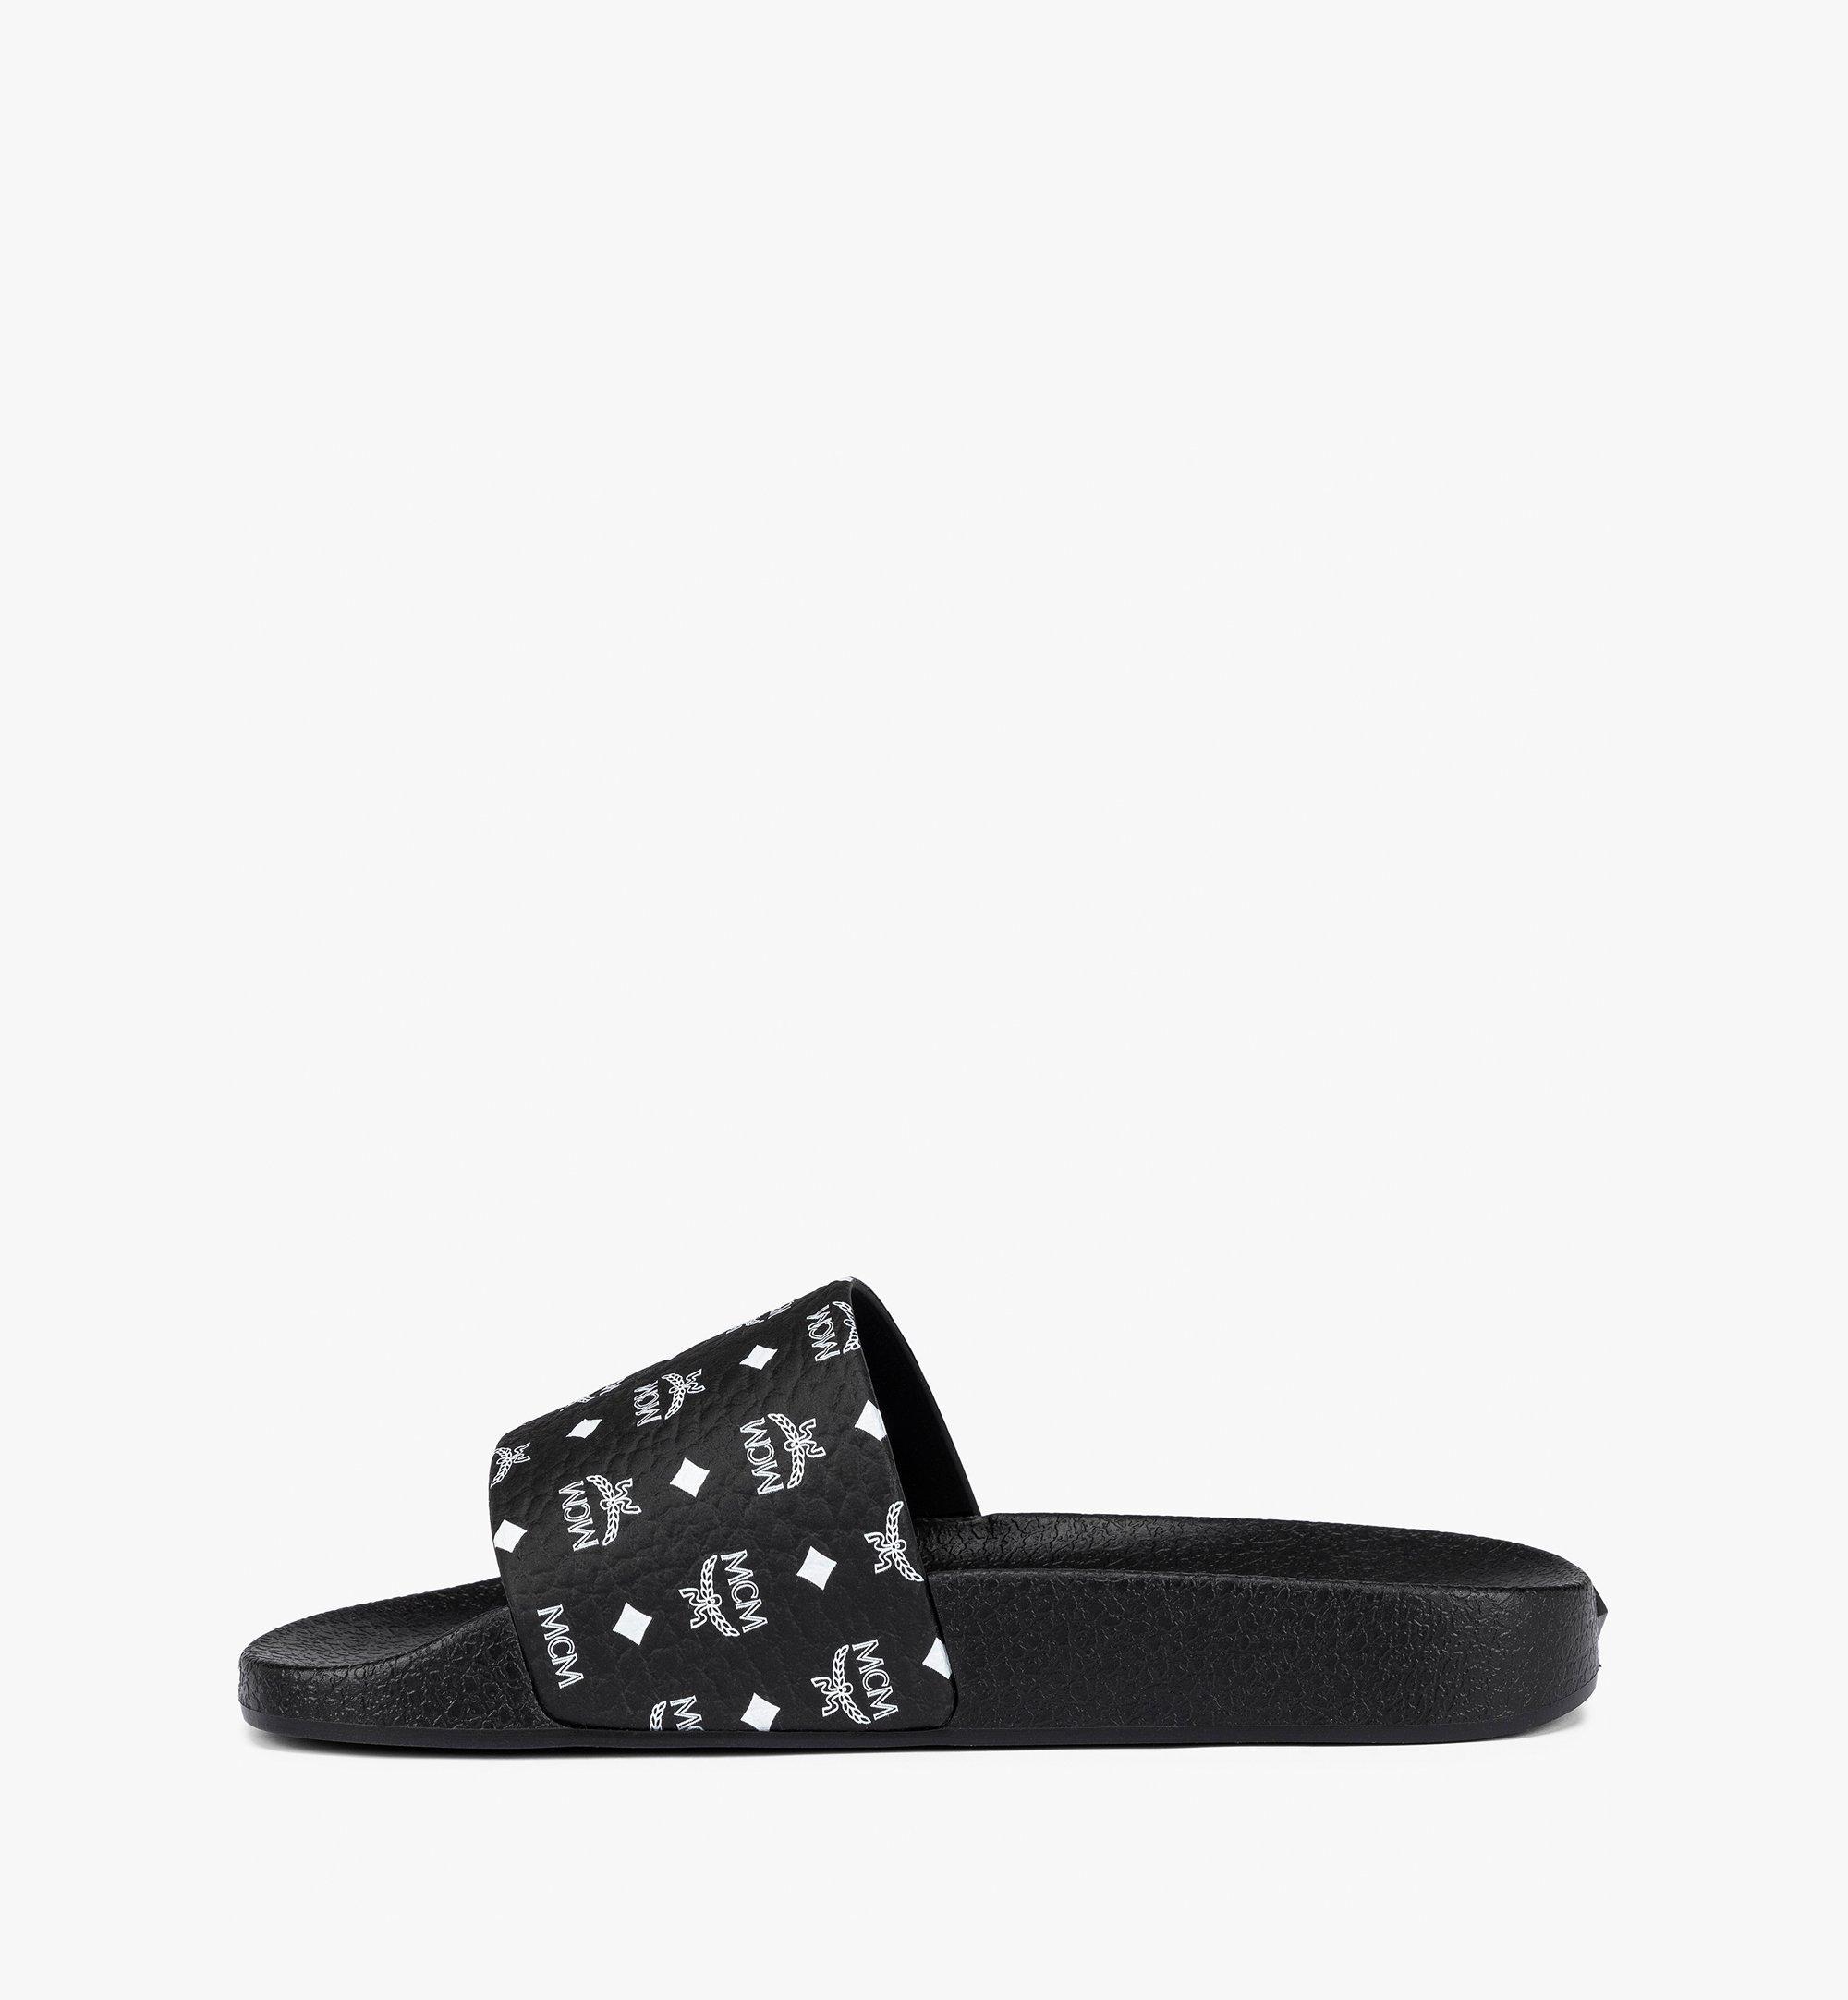 MCM Claquettes en caoutchouc pour femme Black MES8AMM60BK036 Plus de photos 3